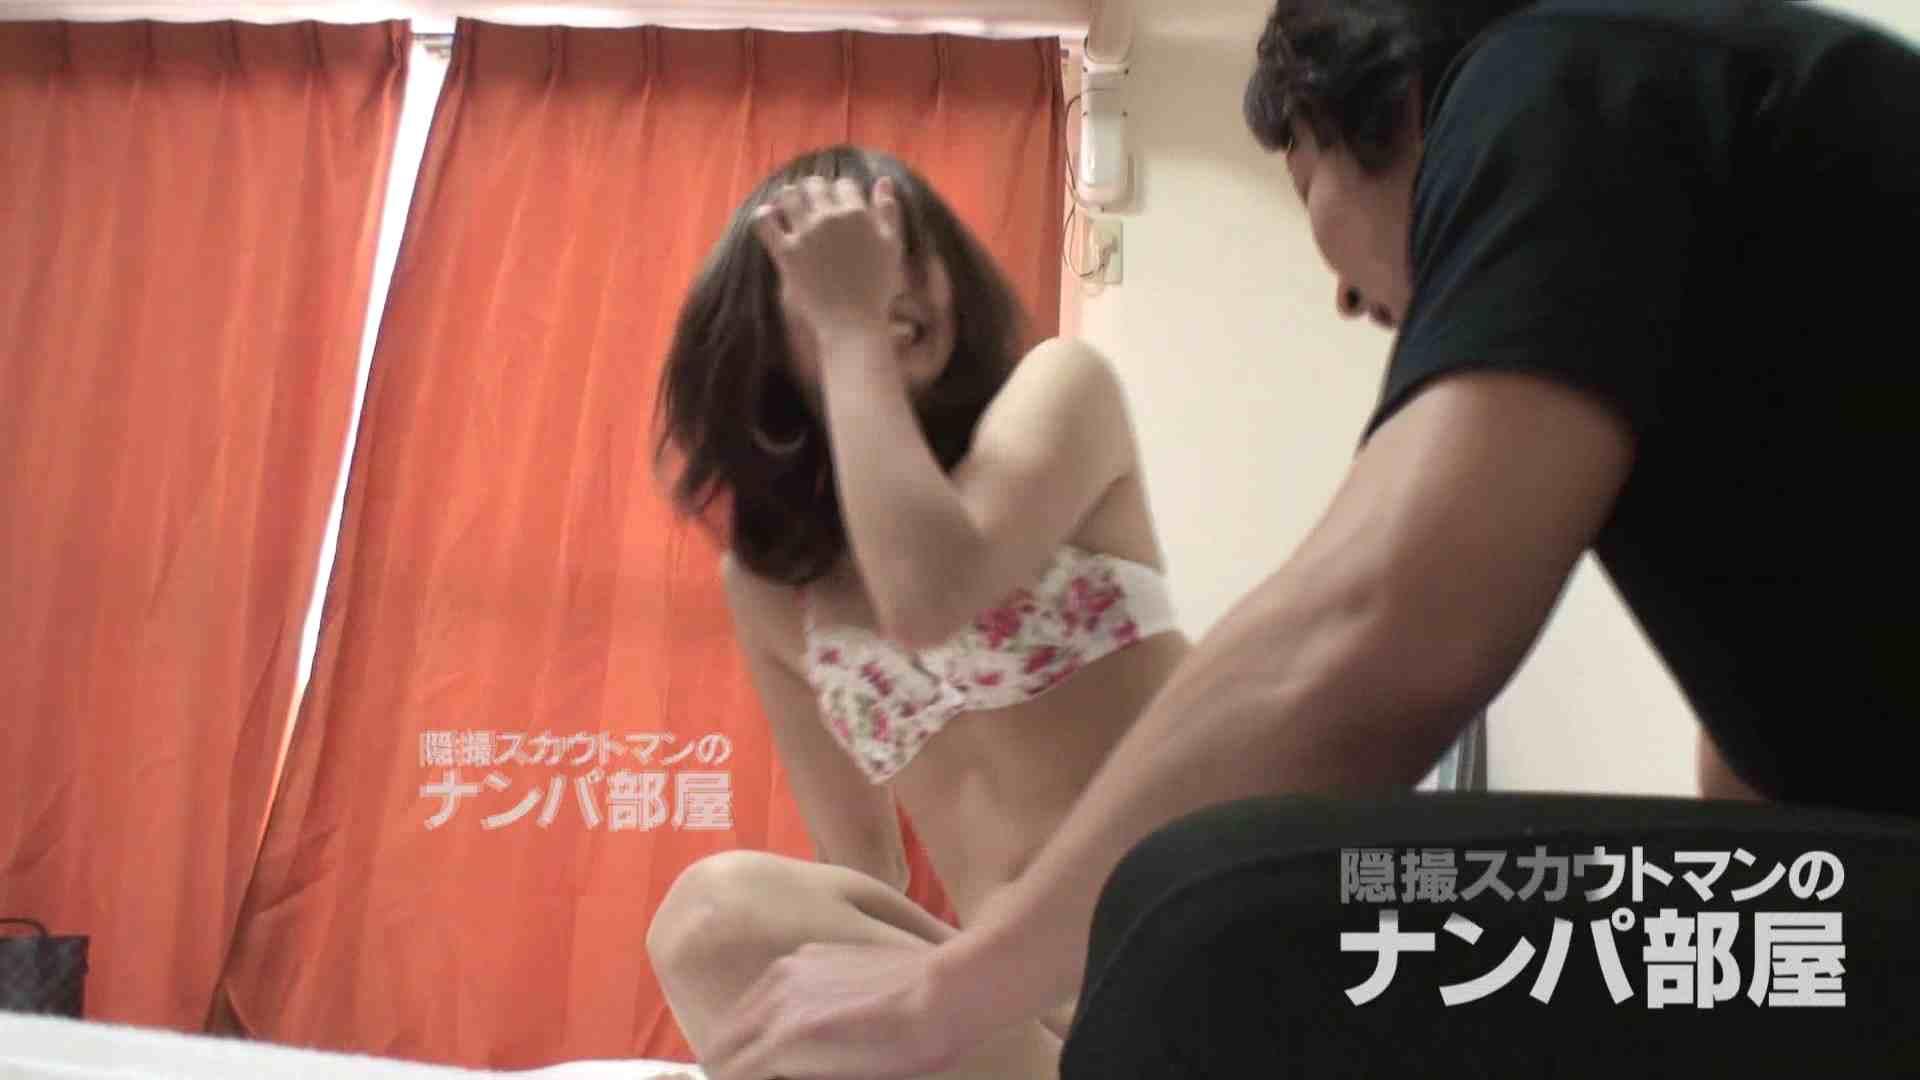 隠撮スカウトマンのナンパ部屋~風俗デビュー前のつまみ食い~ siivol.2 ナンパ  80pic 45